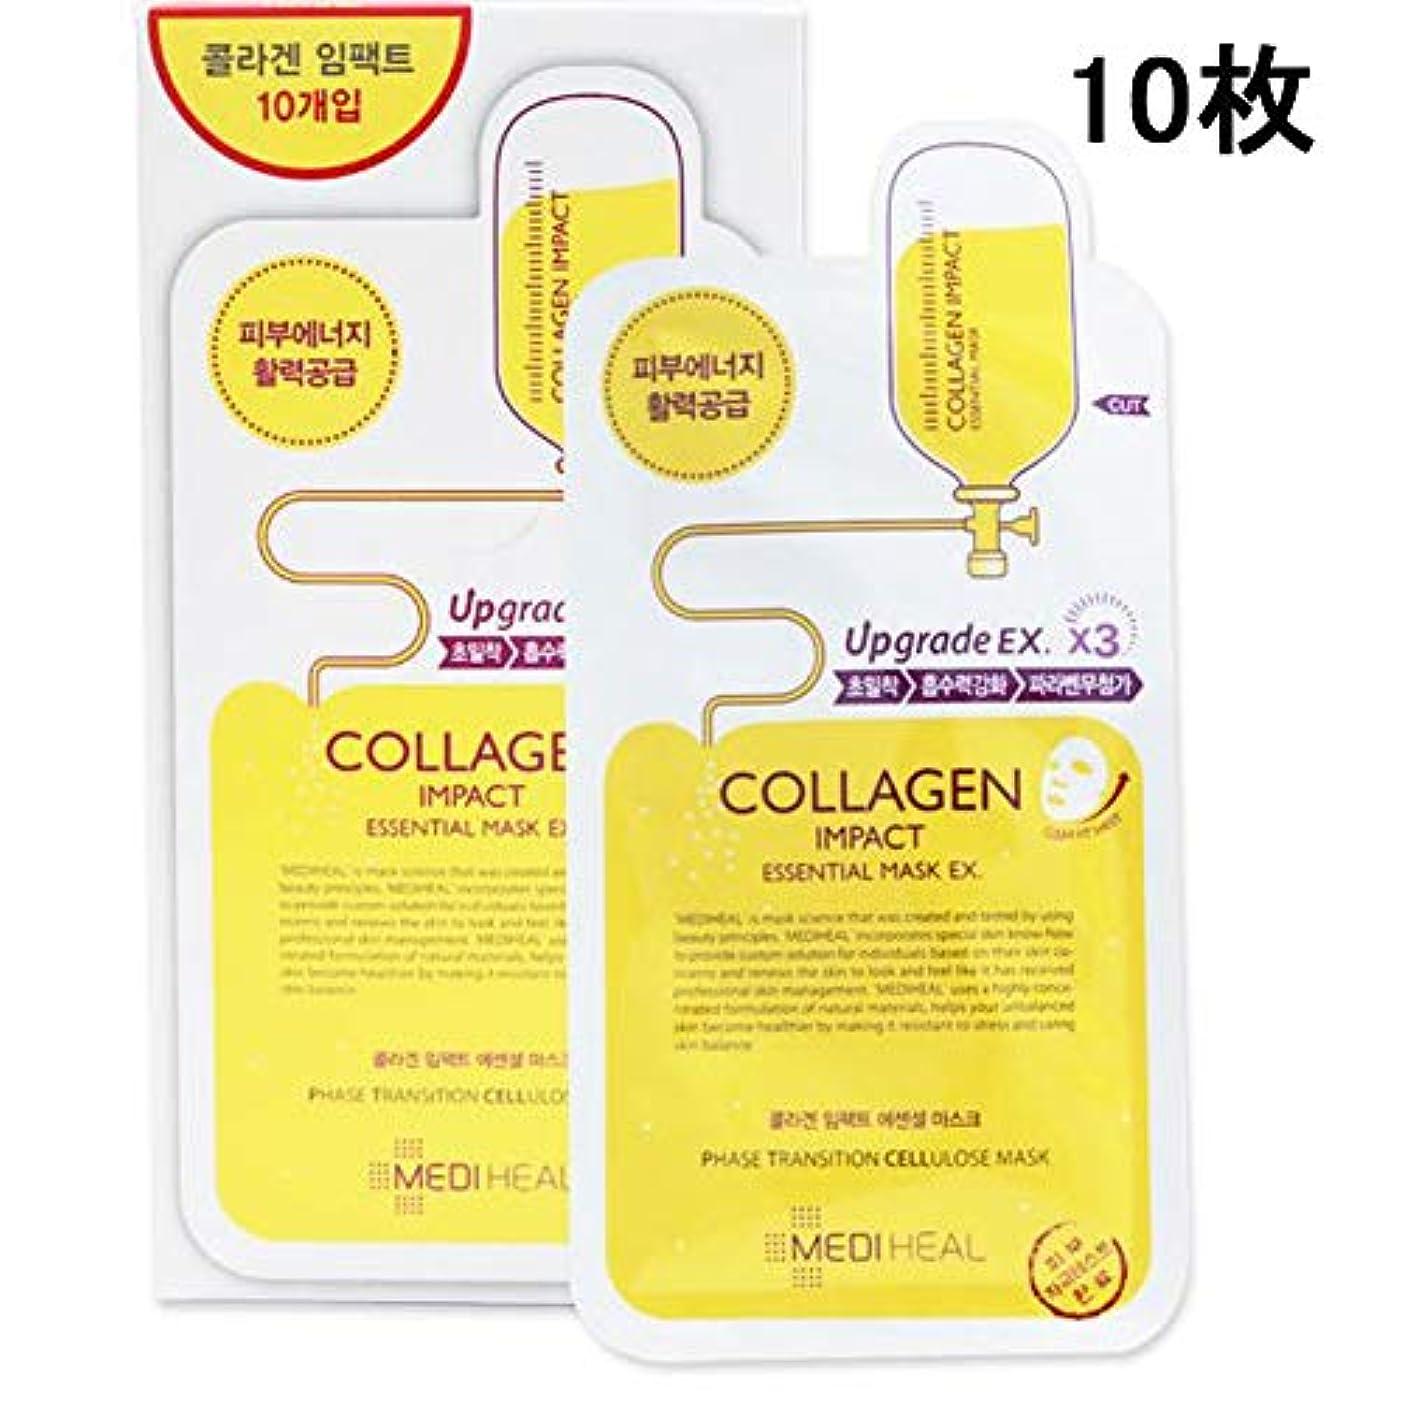 ソーシャルセクタルアー[メディヒール] Mediheal Colagen Impact Essential Mask メディヒールコラーゲンインパクトエッセンシャルマスクシートEX 10枚 (24ml) [海外直送品][並行輸入品]